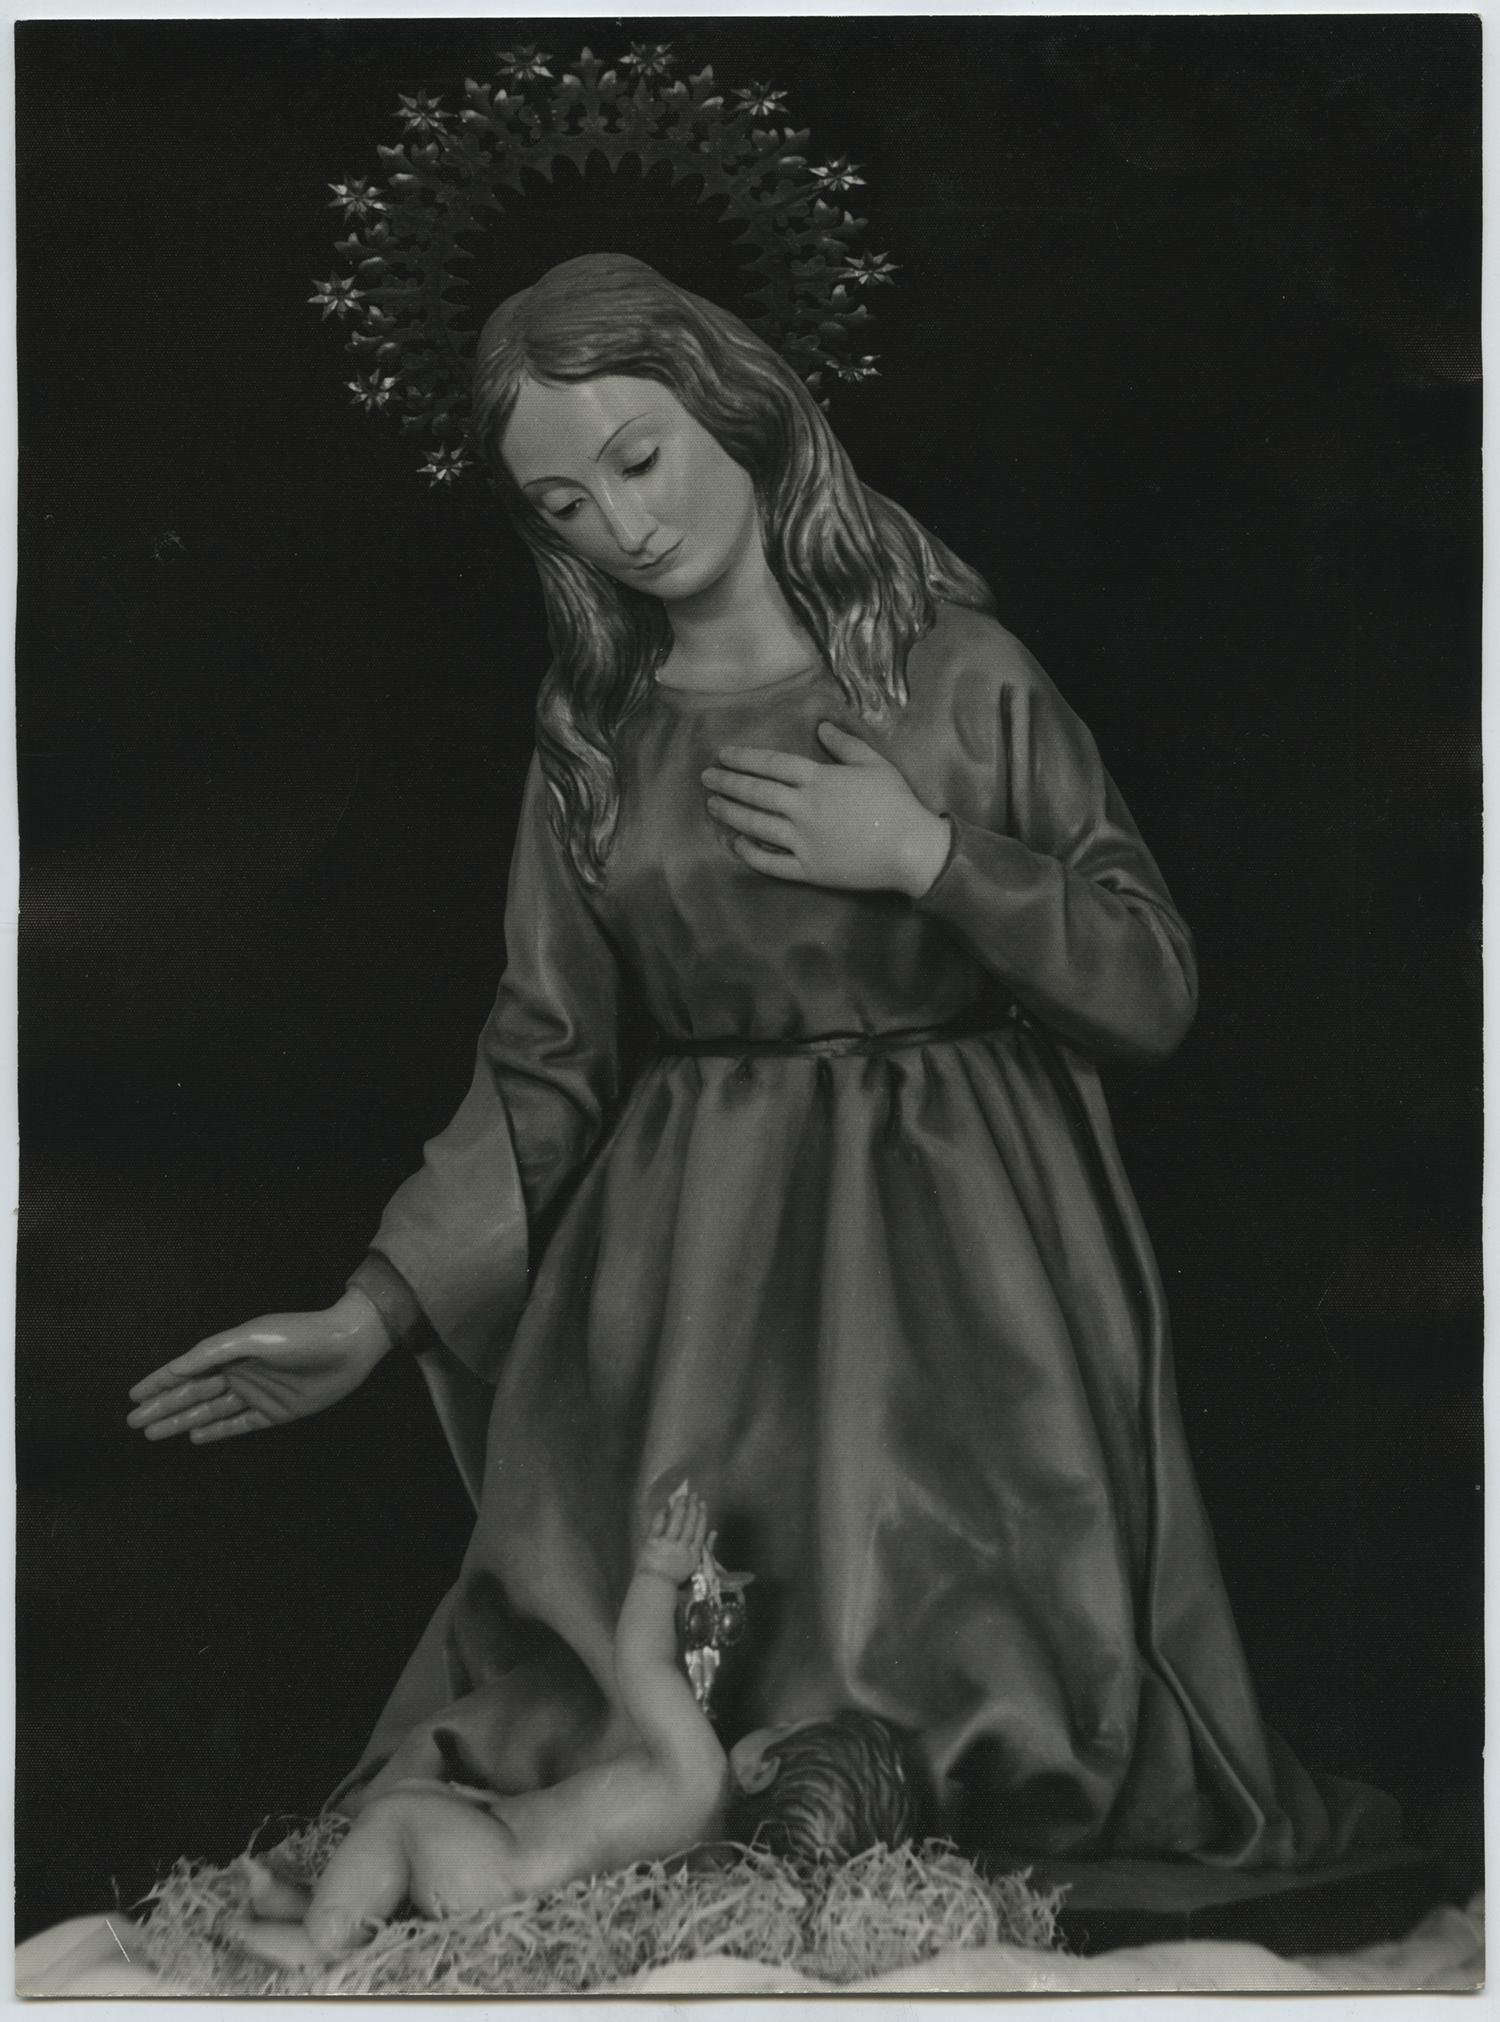 1956.2. Virgen de Belén con niño. Madera policromada, tamaño natural. Parroquia de Nuestra Señora de Belén y San Roque, Jaén. 1956